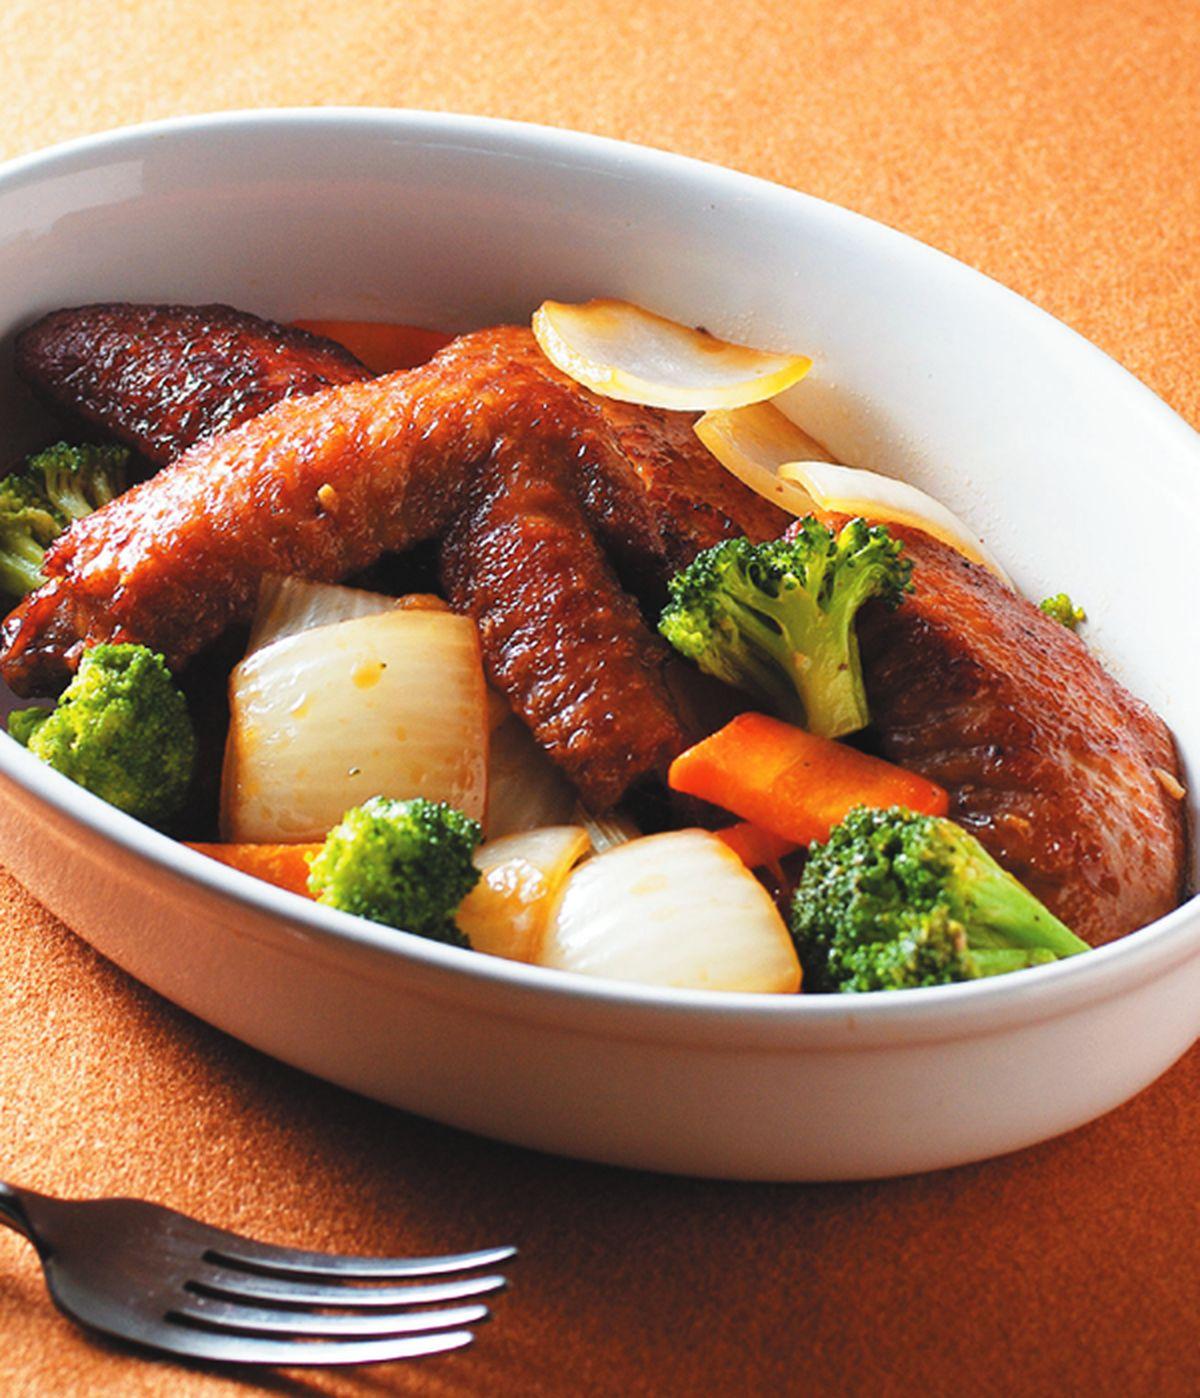 食譜:青蔥燒滷雞翅